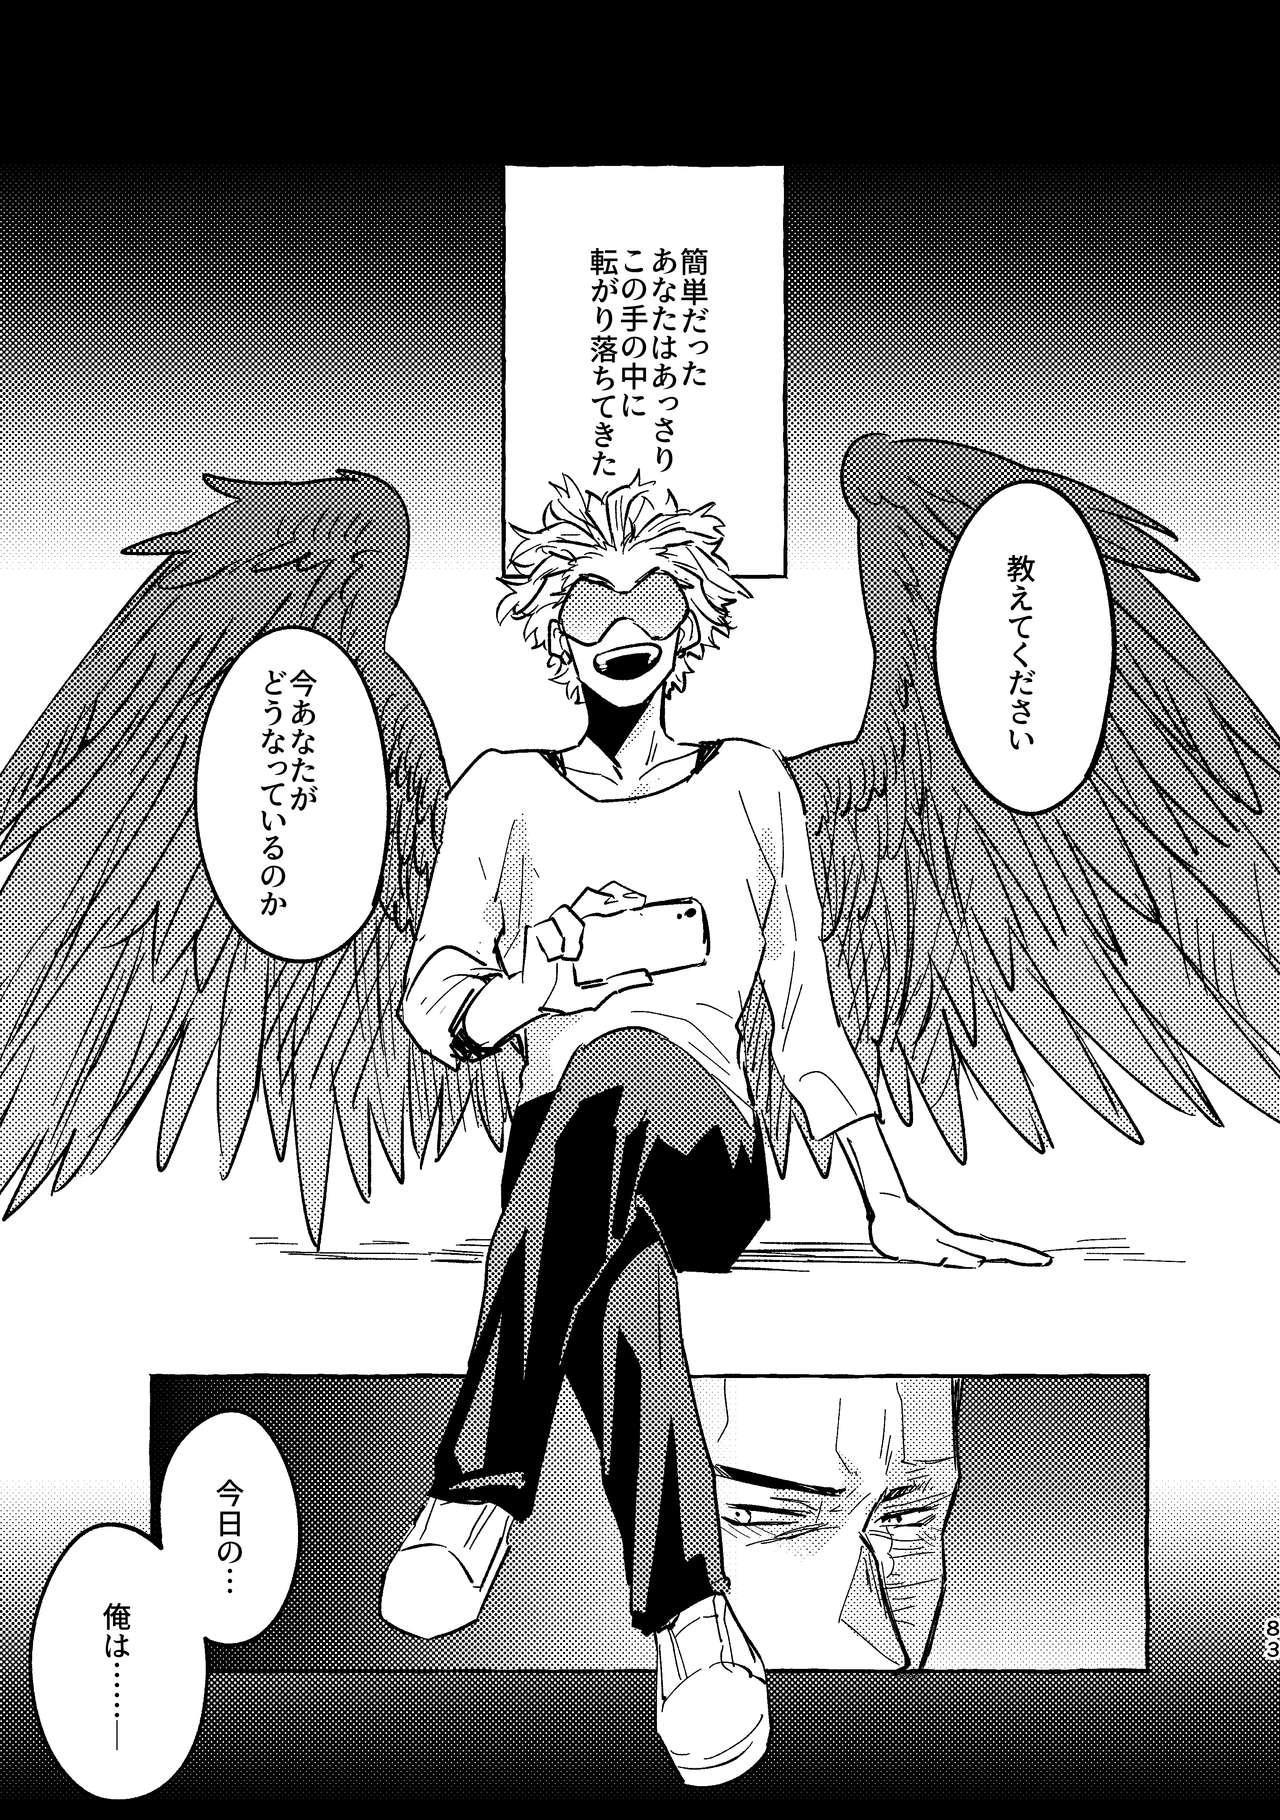 WEB Sairoku Zumi HawEn Manga ga Kami demo Yomeru Hon. 82